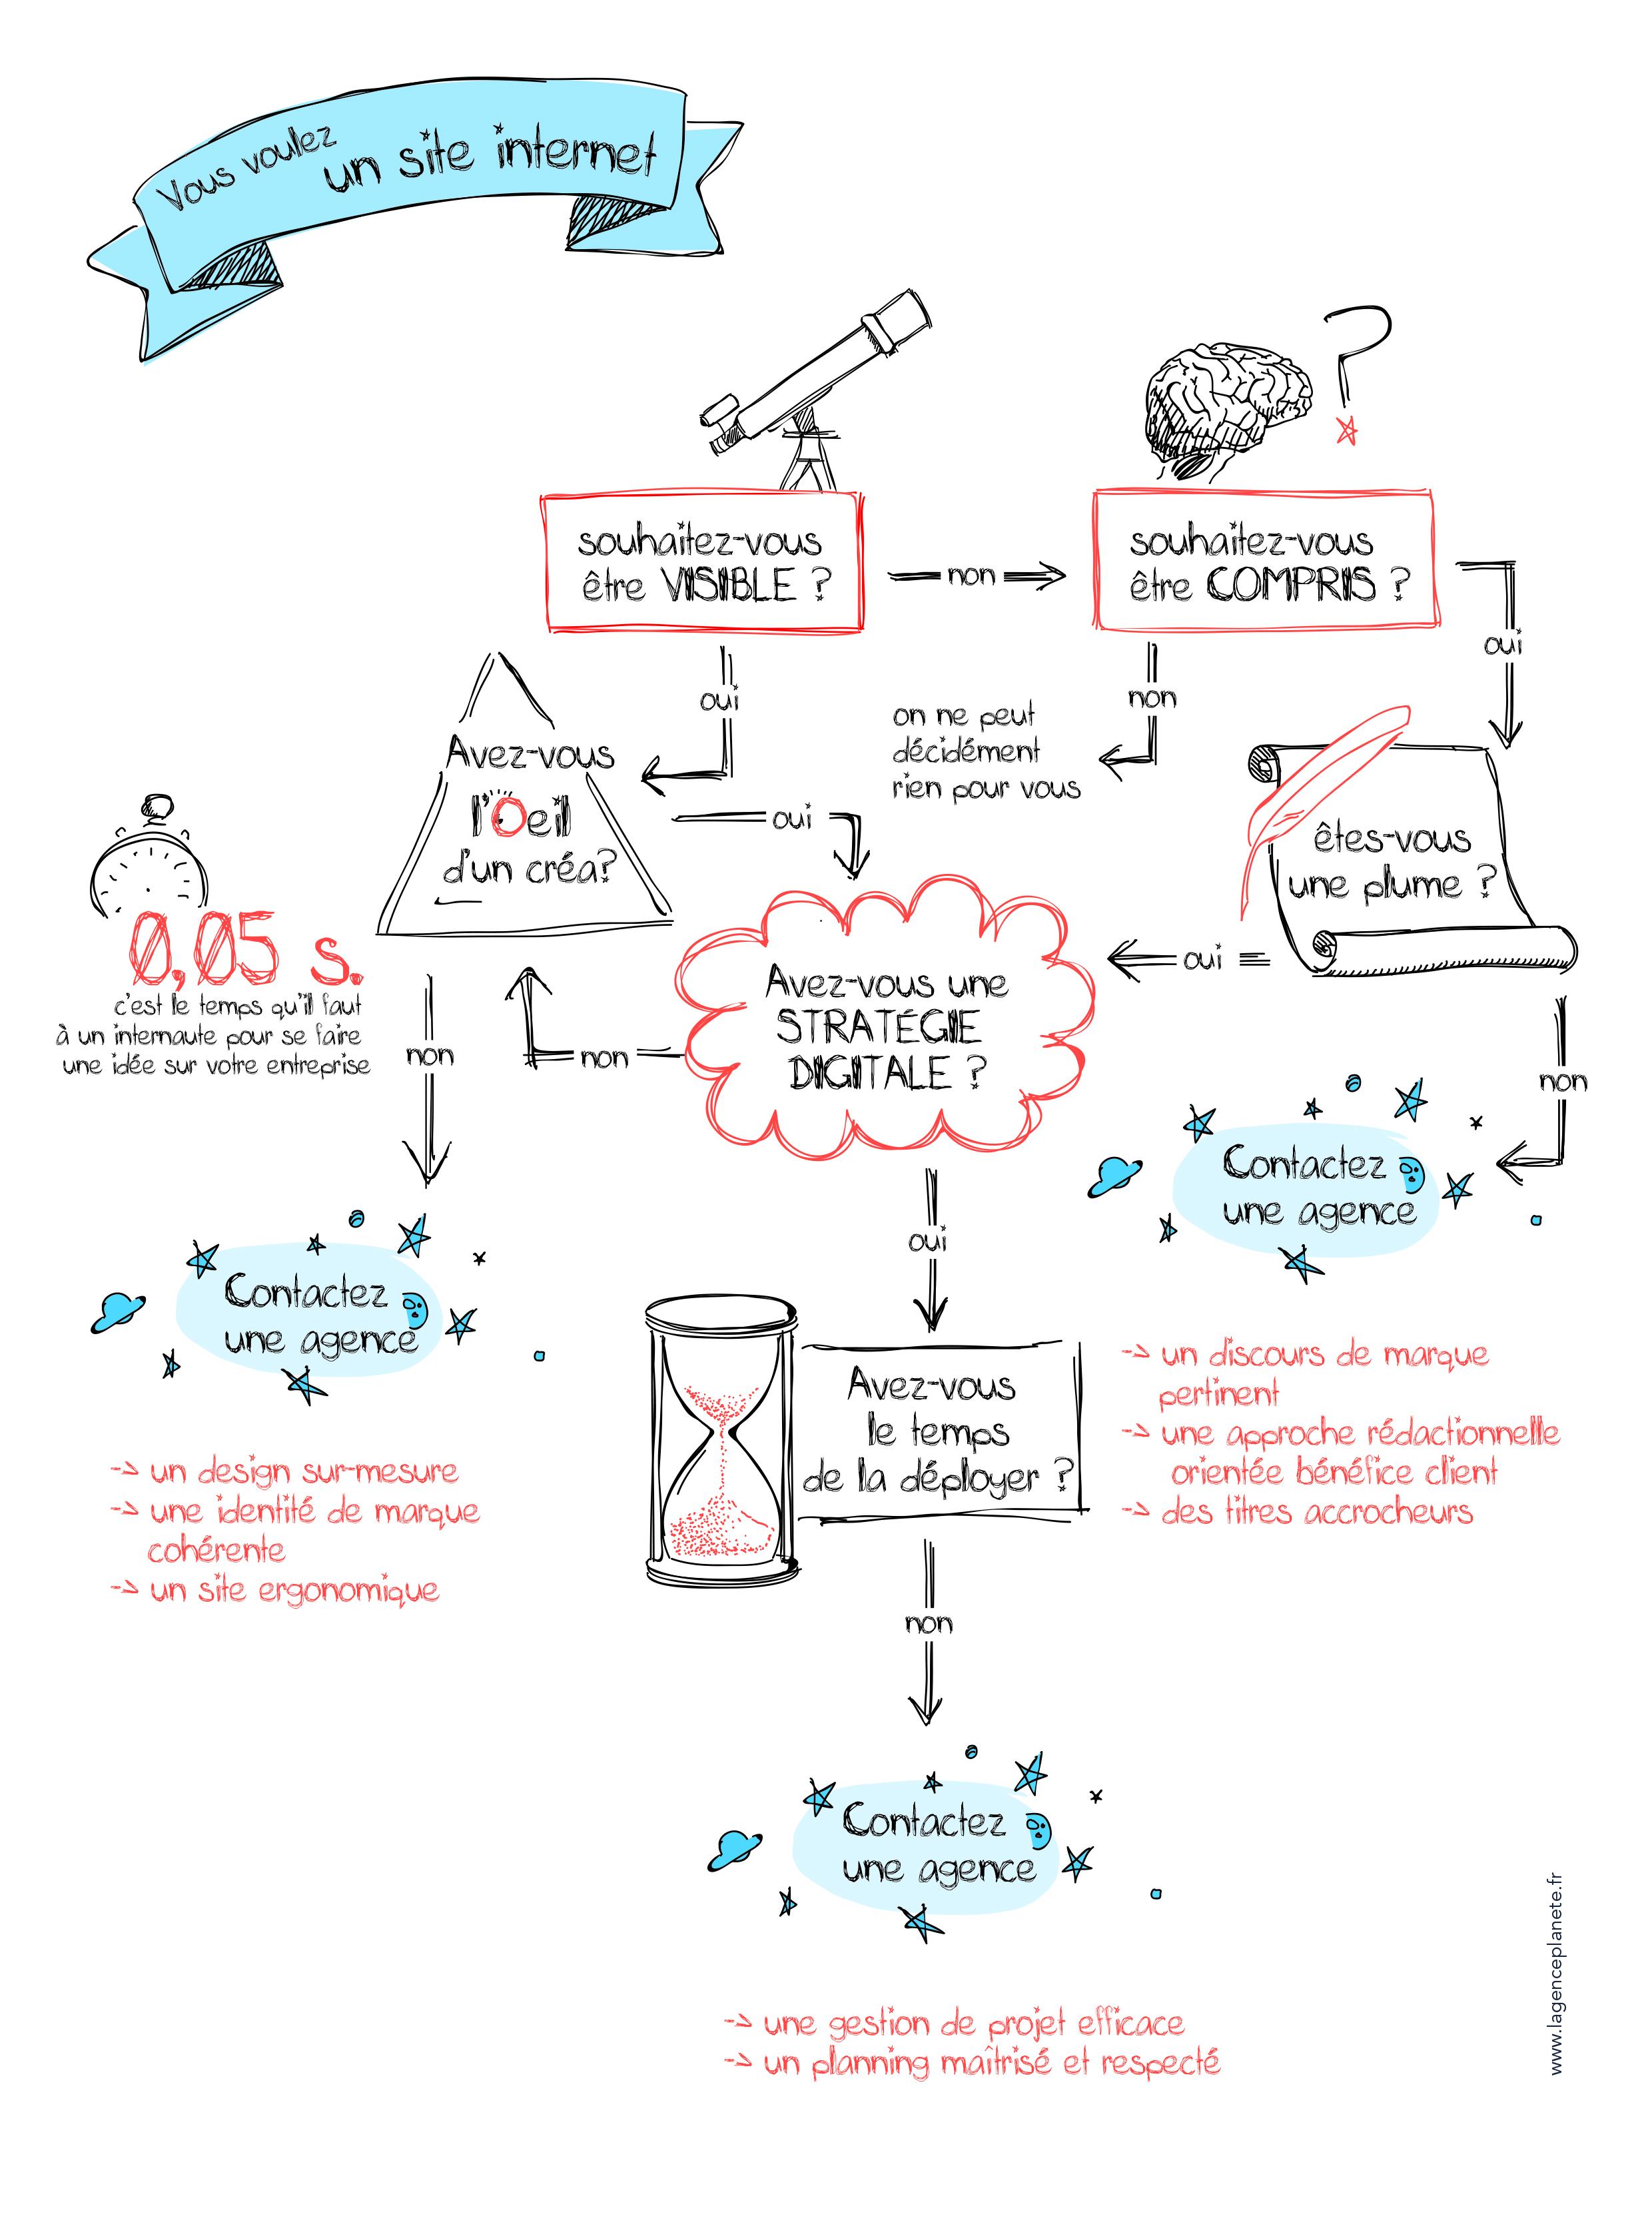 infographie sur l'intéret de faire appel a une agence de communication